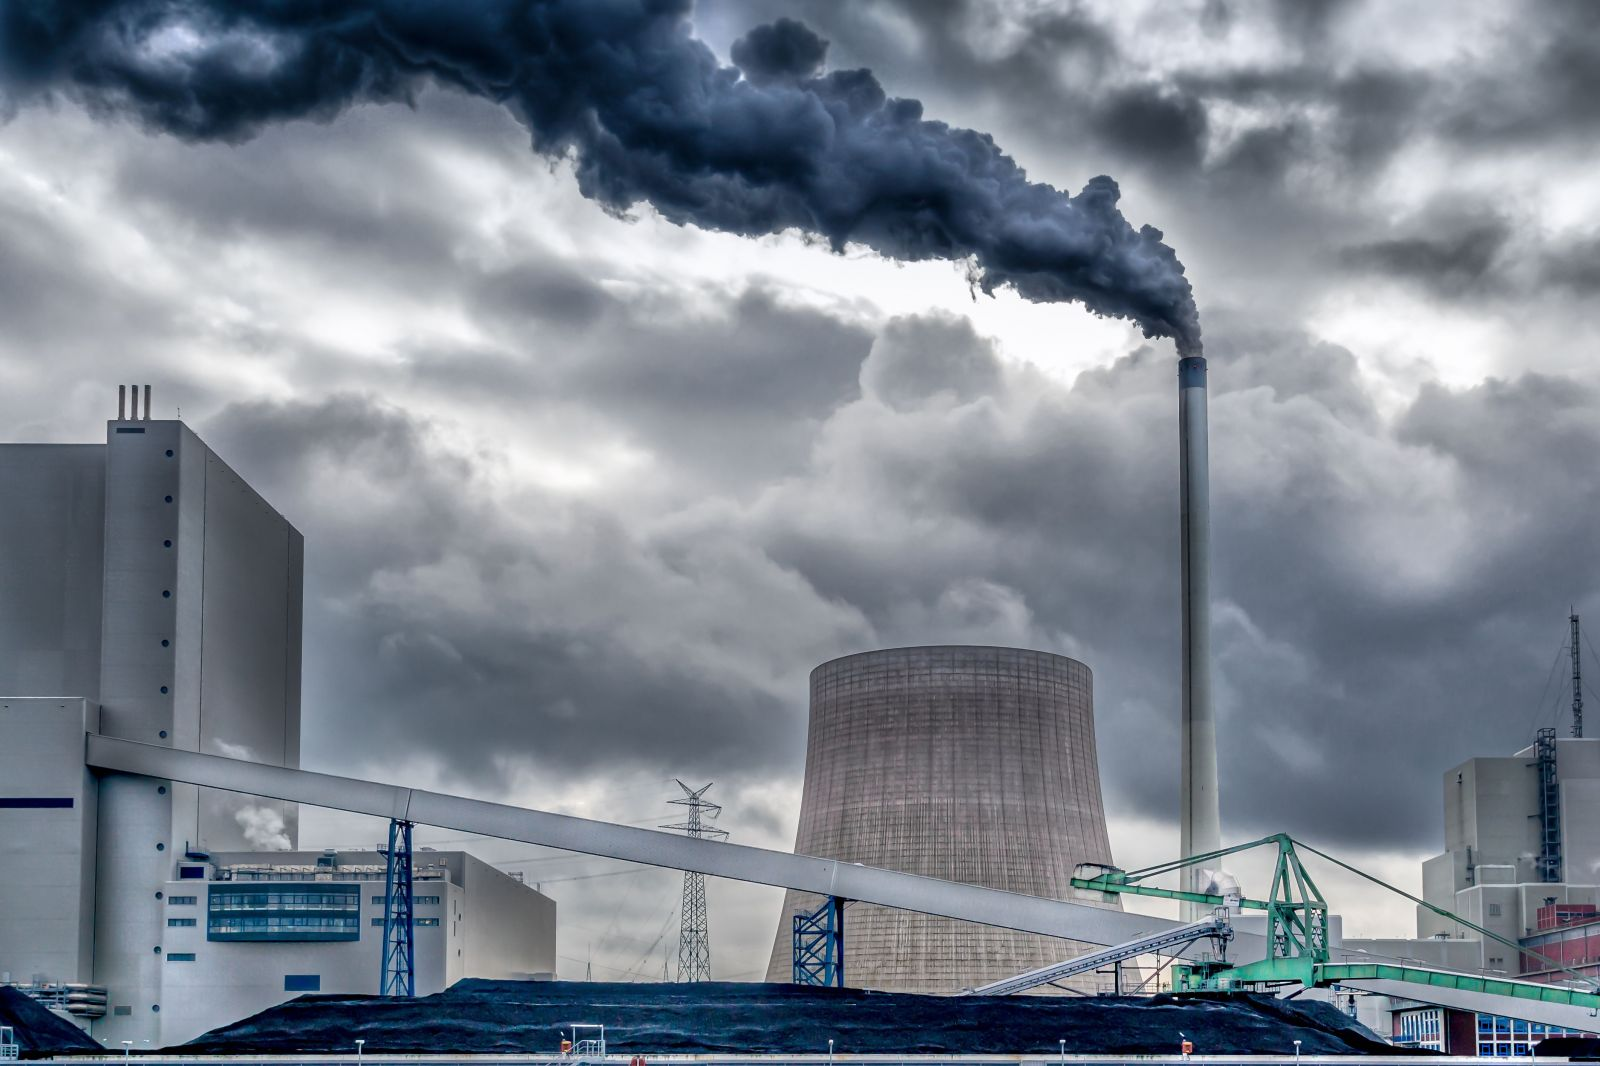 Ľudstvo práve vyčerpalo všetky suroviny na rok 2019. Oddnes žijeme na ekologický dlh